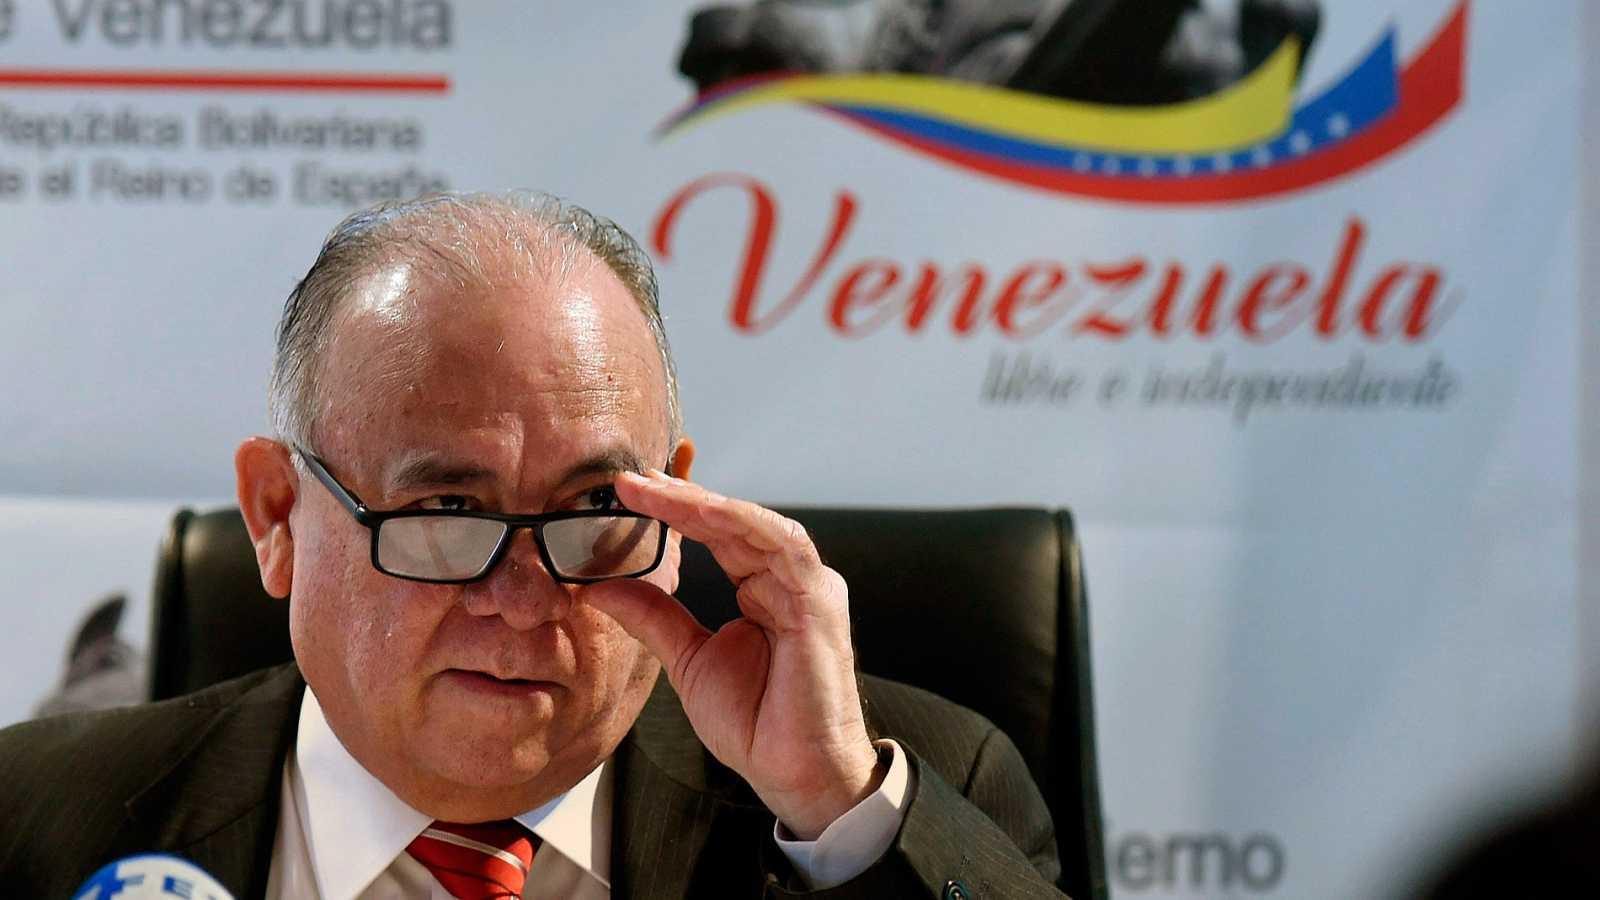 """España expulsa al embajador de Venezuela en aplicación del """"principio de reciprocidad"""""""